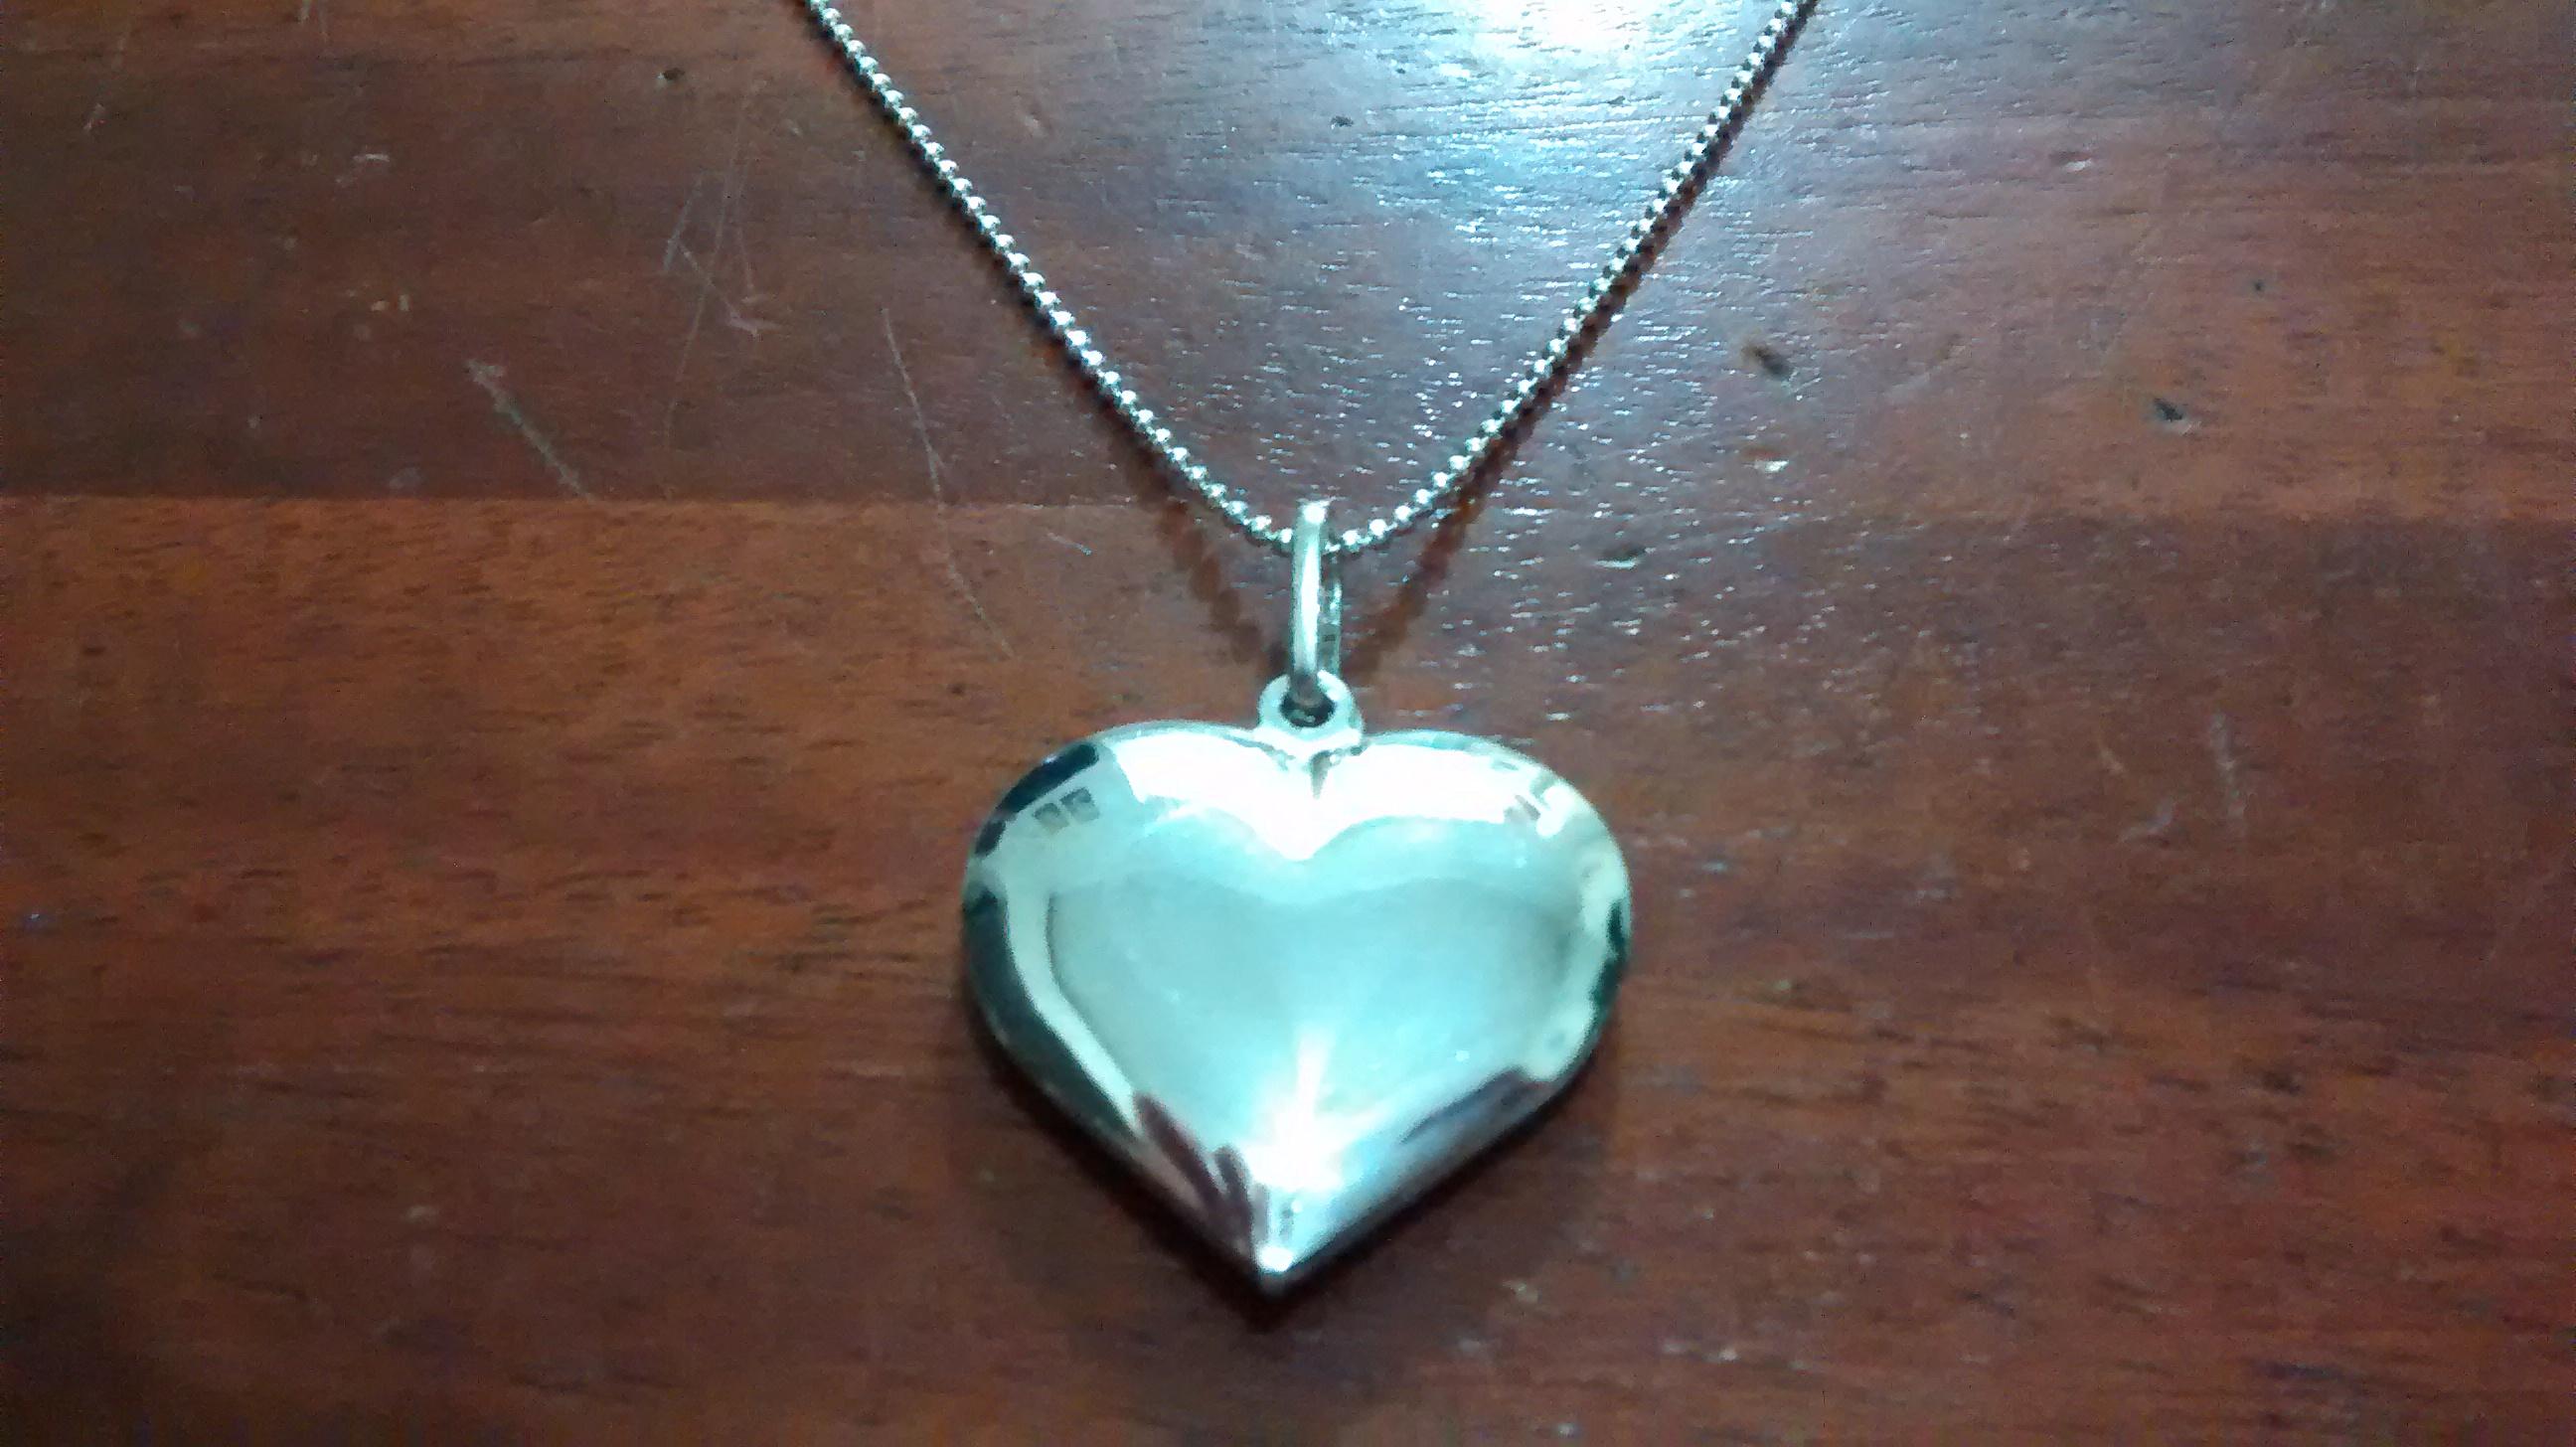 f4303c4ce74 Colar de Prata com Coração Grande no Elo7